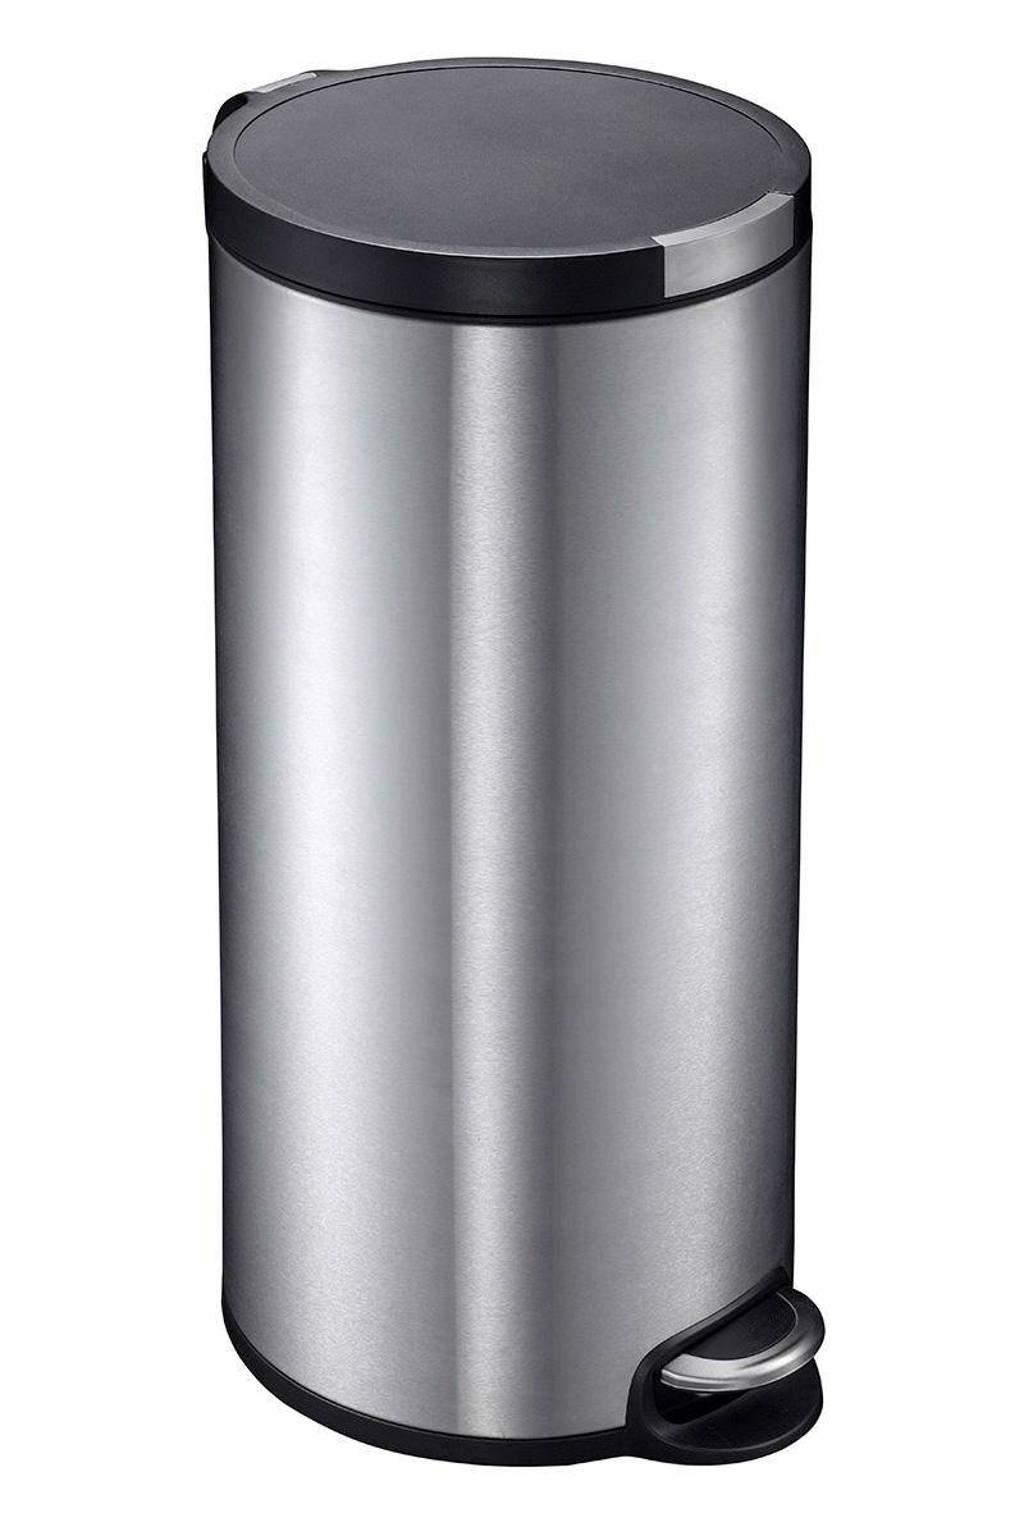 EKO Artistic 30 liter pedaalemmer, Mat rvs